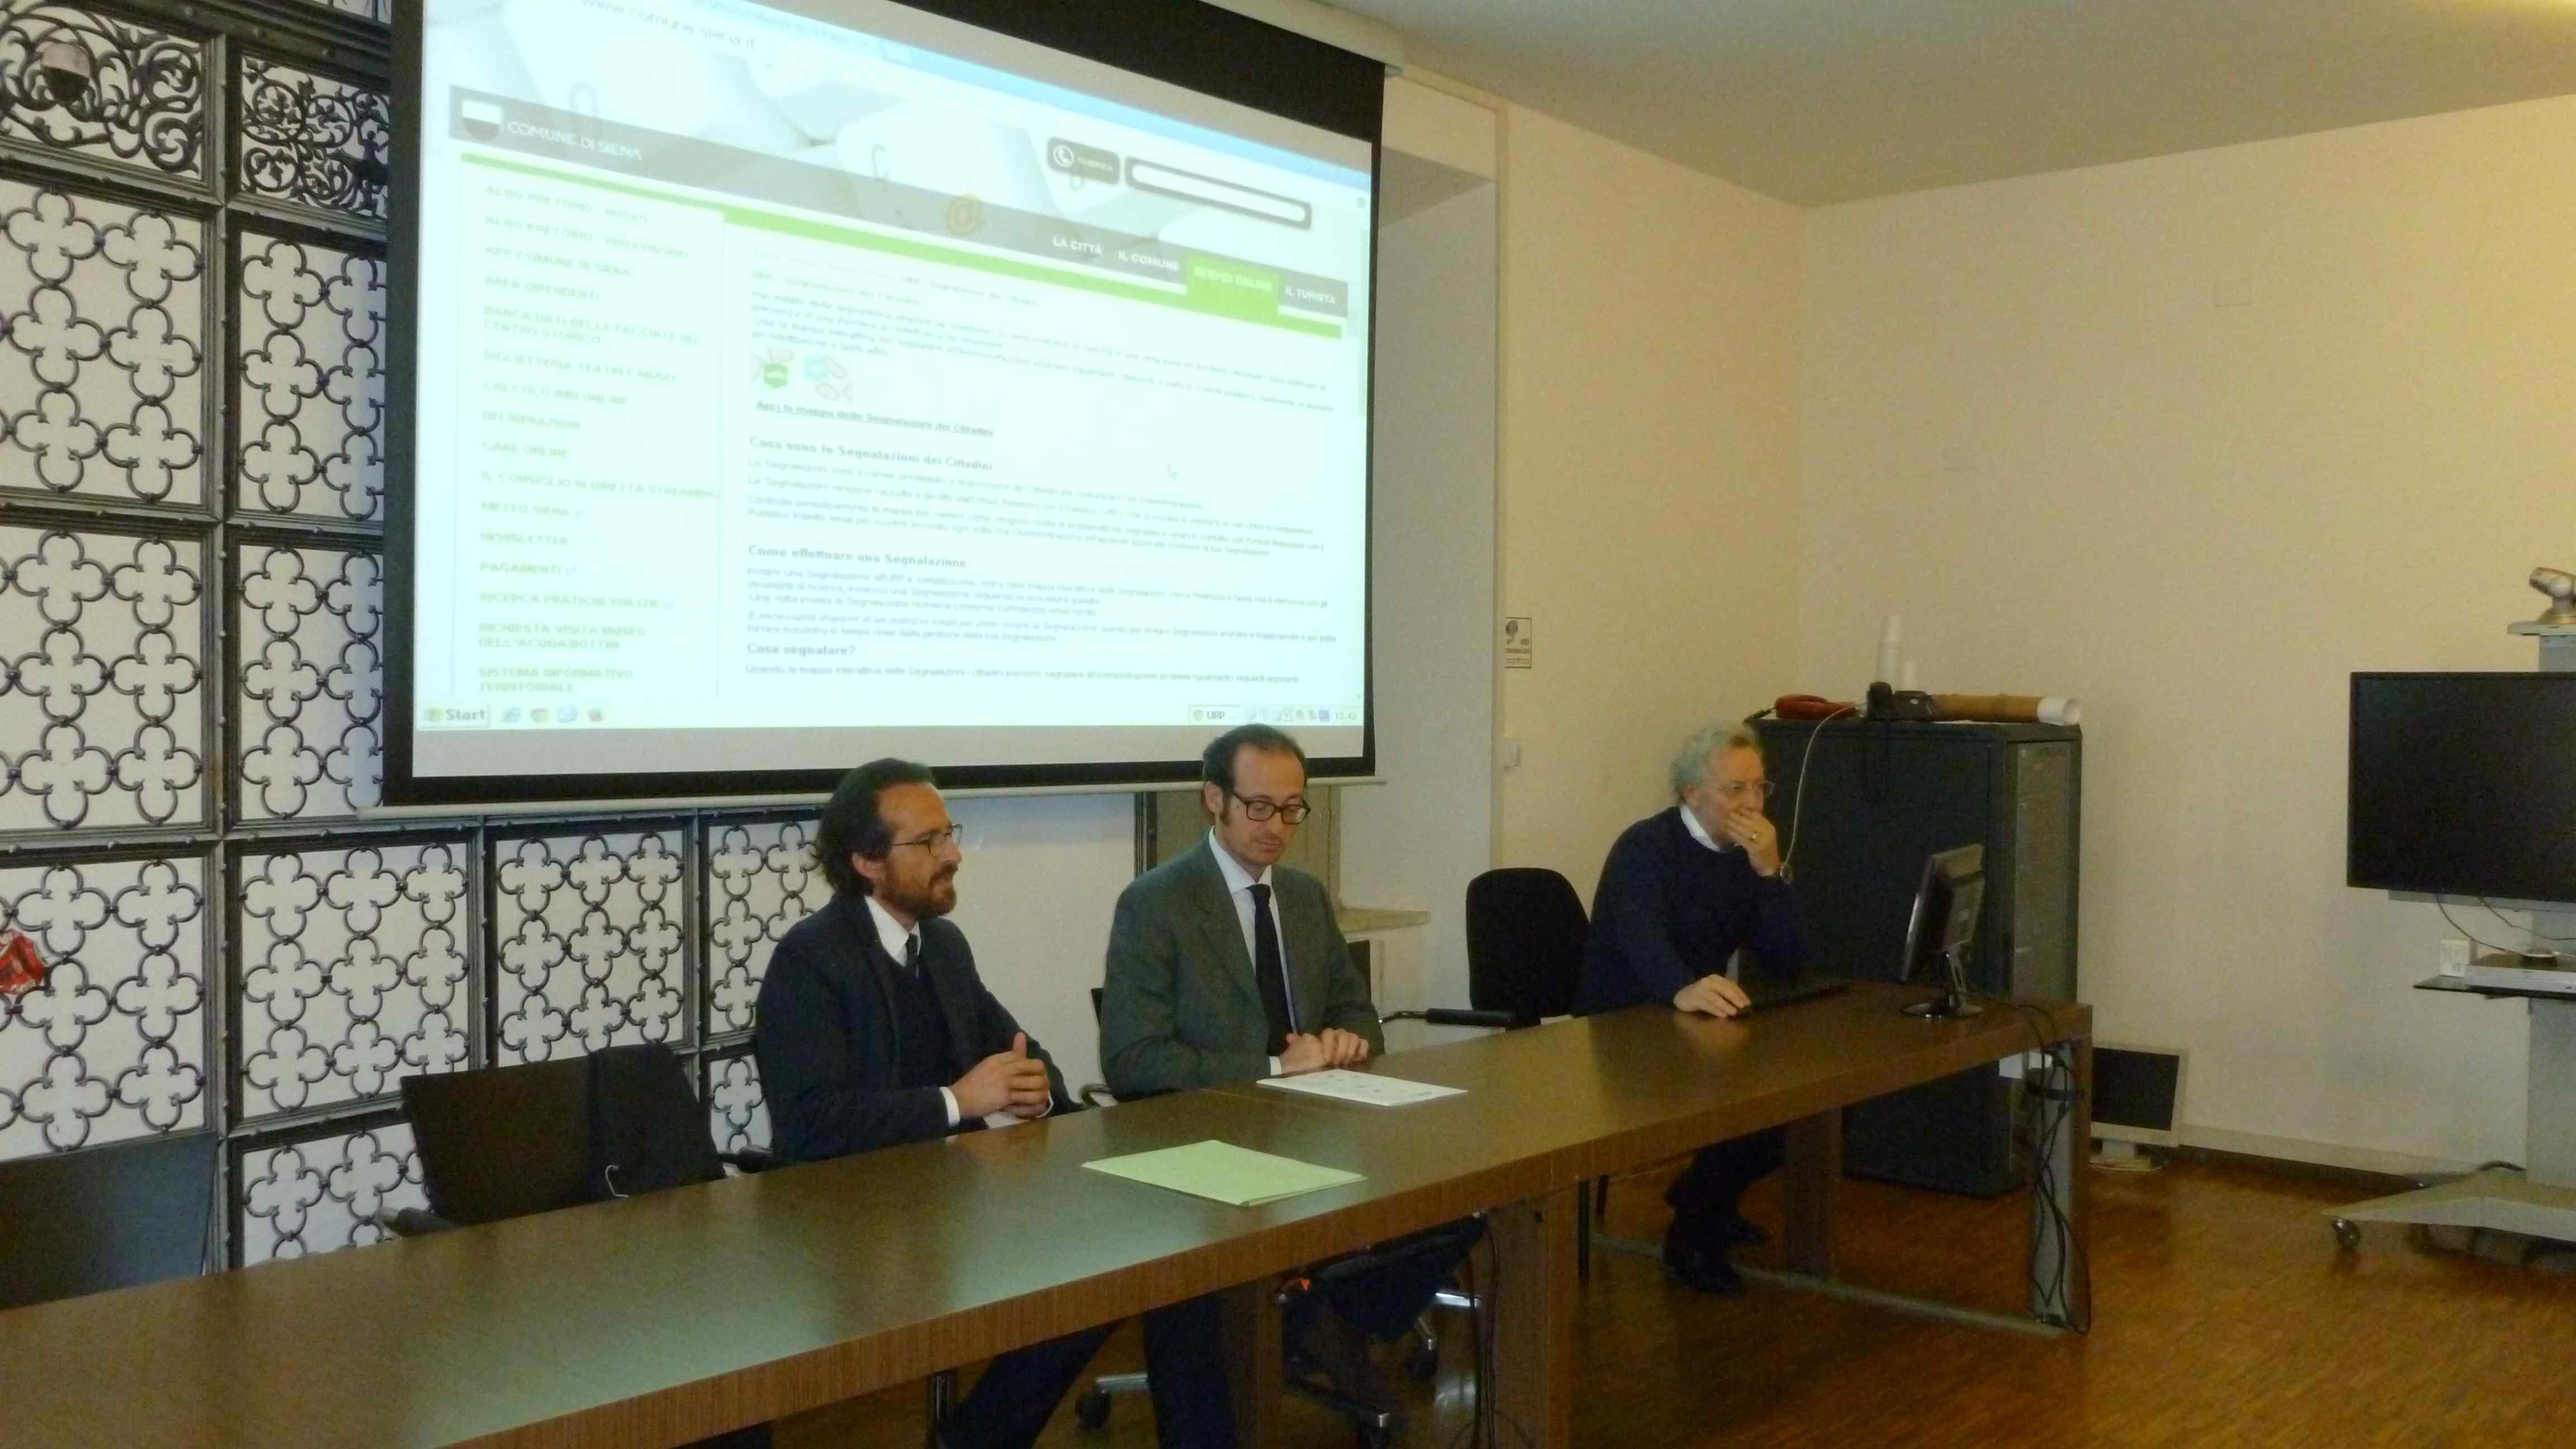 Arredo Bagno Venturi Povegliano.Smart City Operativo Il Sistema Per Le Segnalazioni Dei Cittadini